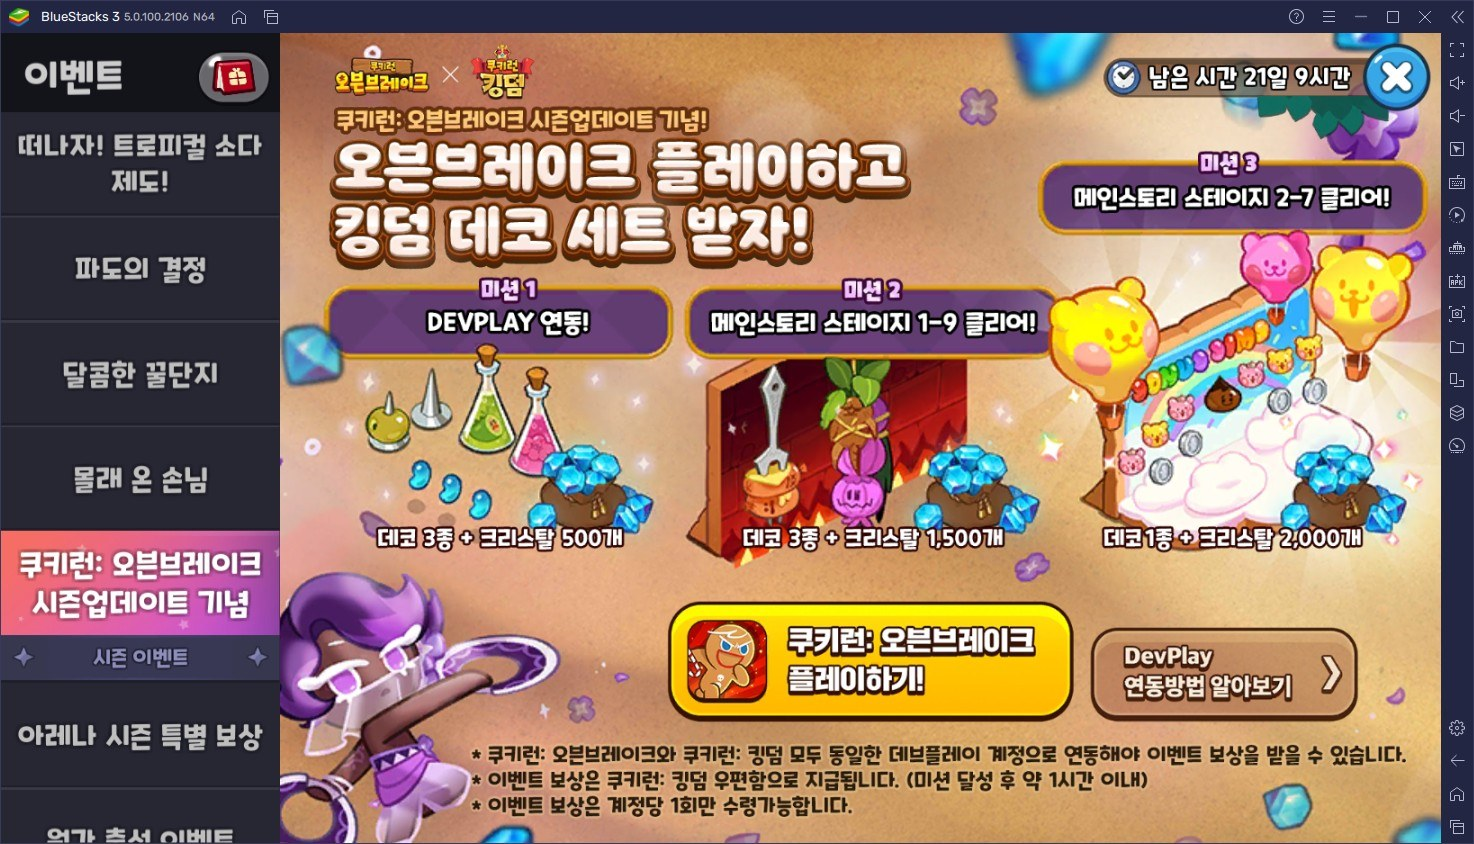 쿠키런: 킹덤에 수상한 꿀단지 등장? PC로 블루스택 앱플레이어에서 행복한 곰젤리를 만나보세요!